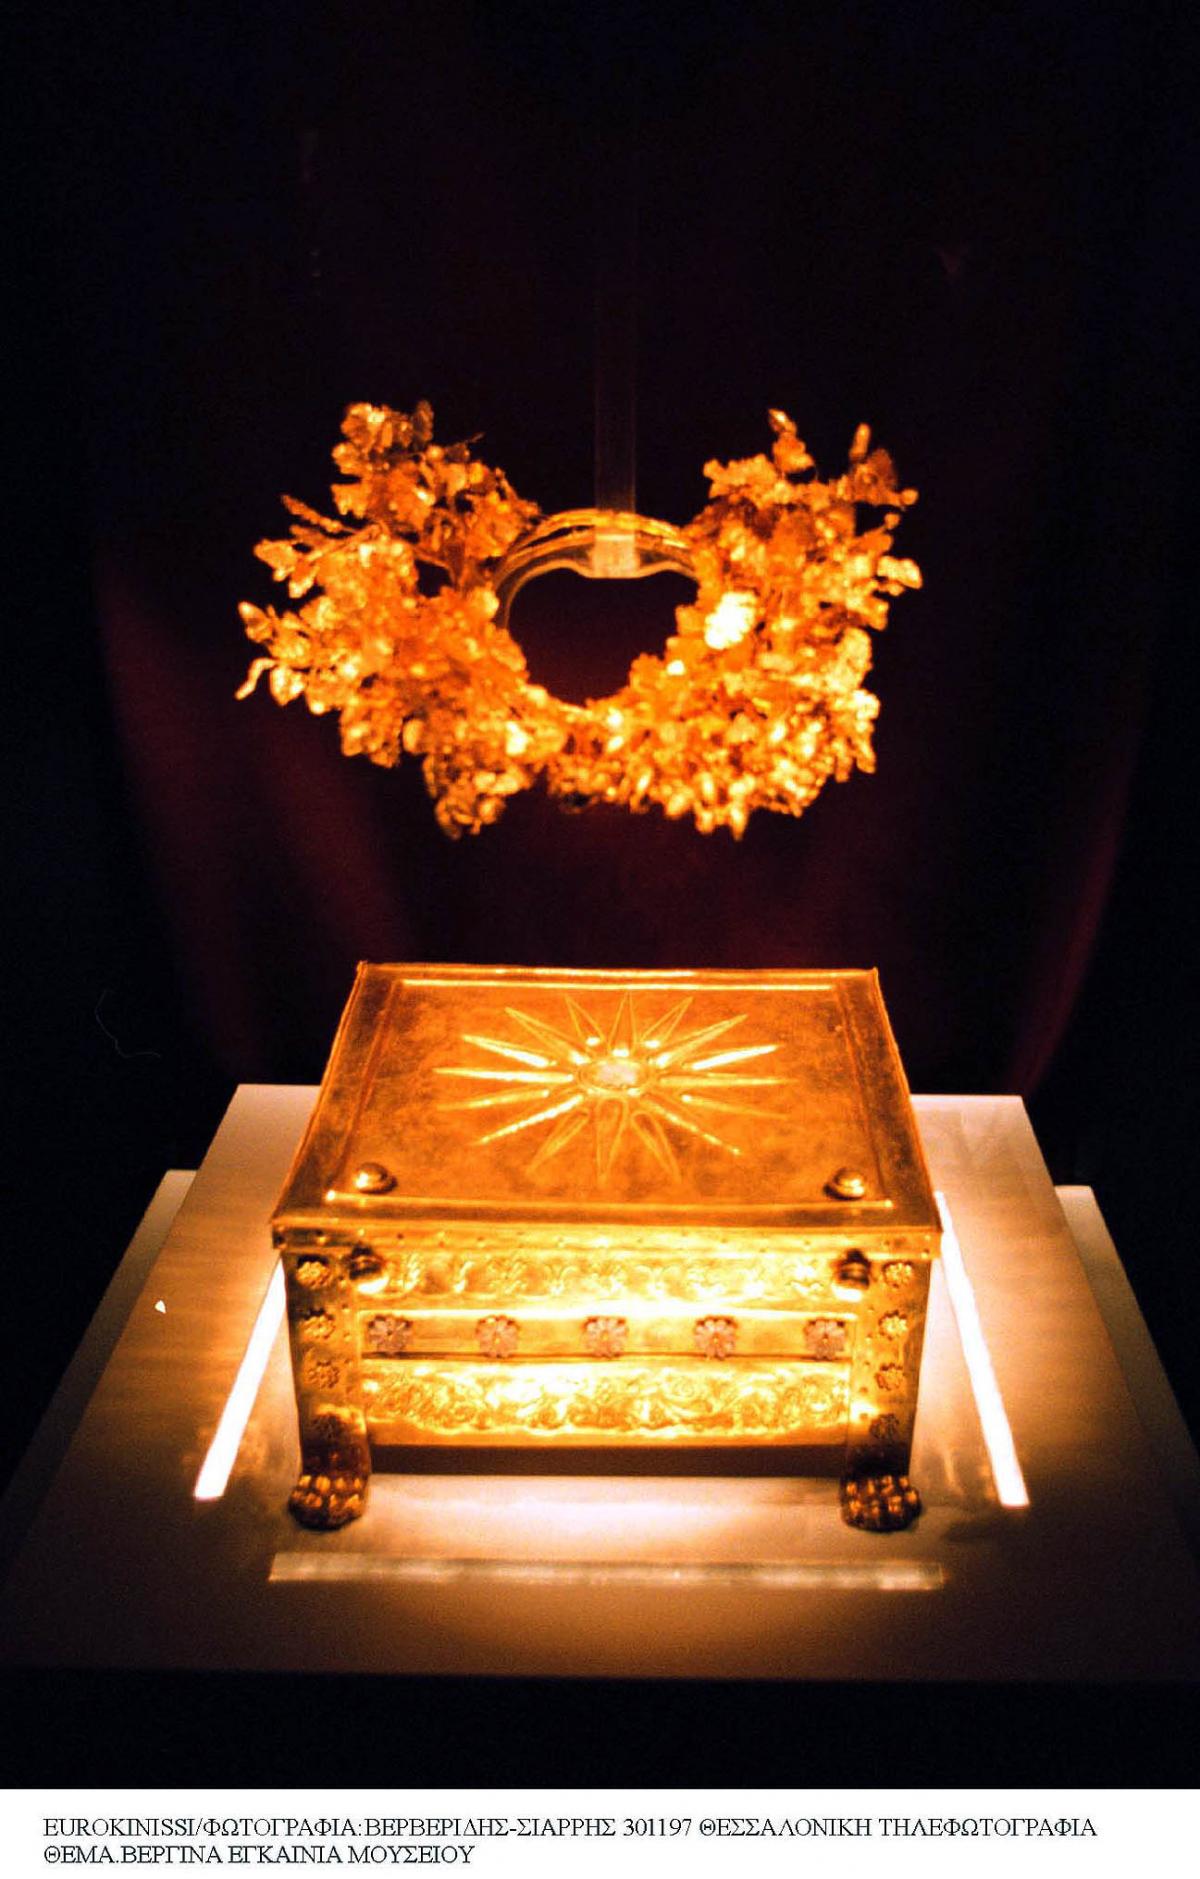 Βεργίνα: Οι επίσημες απαντήσεις για τη μυστηριώδη γυναίκα που βεβήλωσε το μουσείο των βασιλικών ταφών